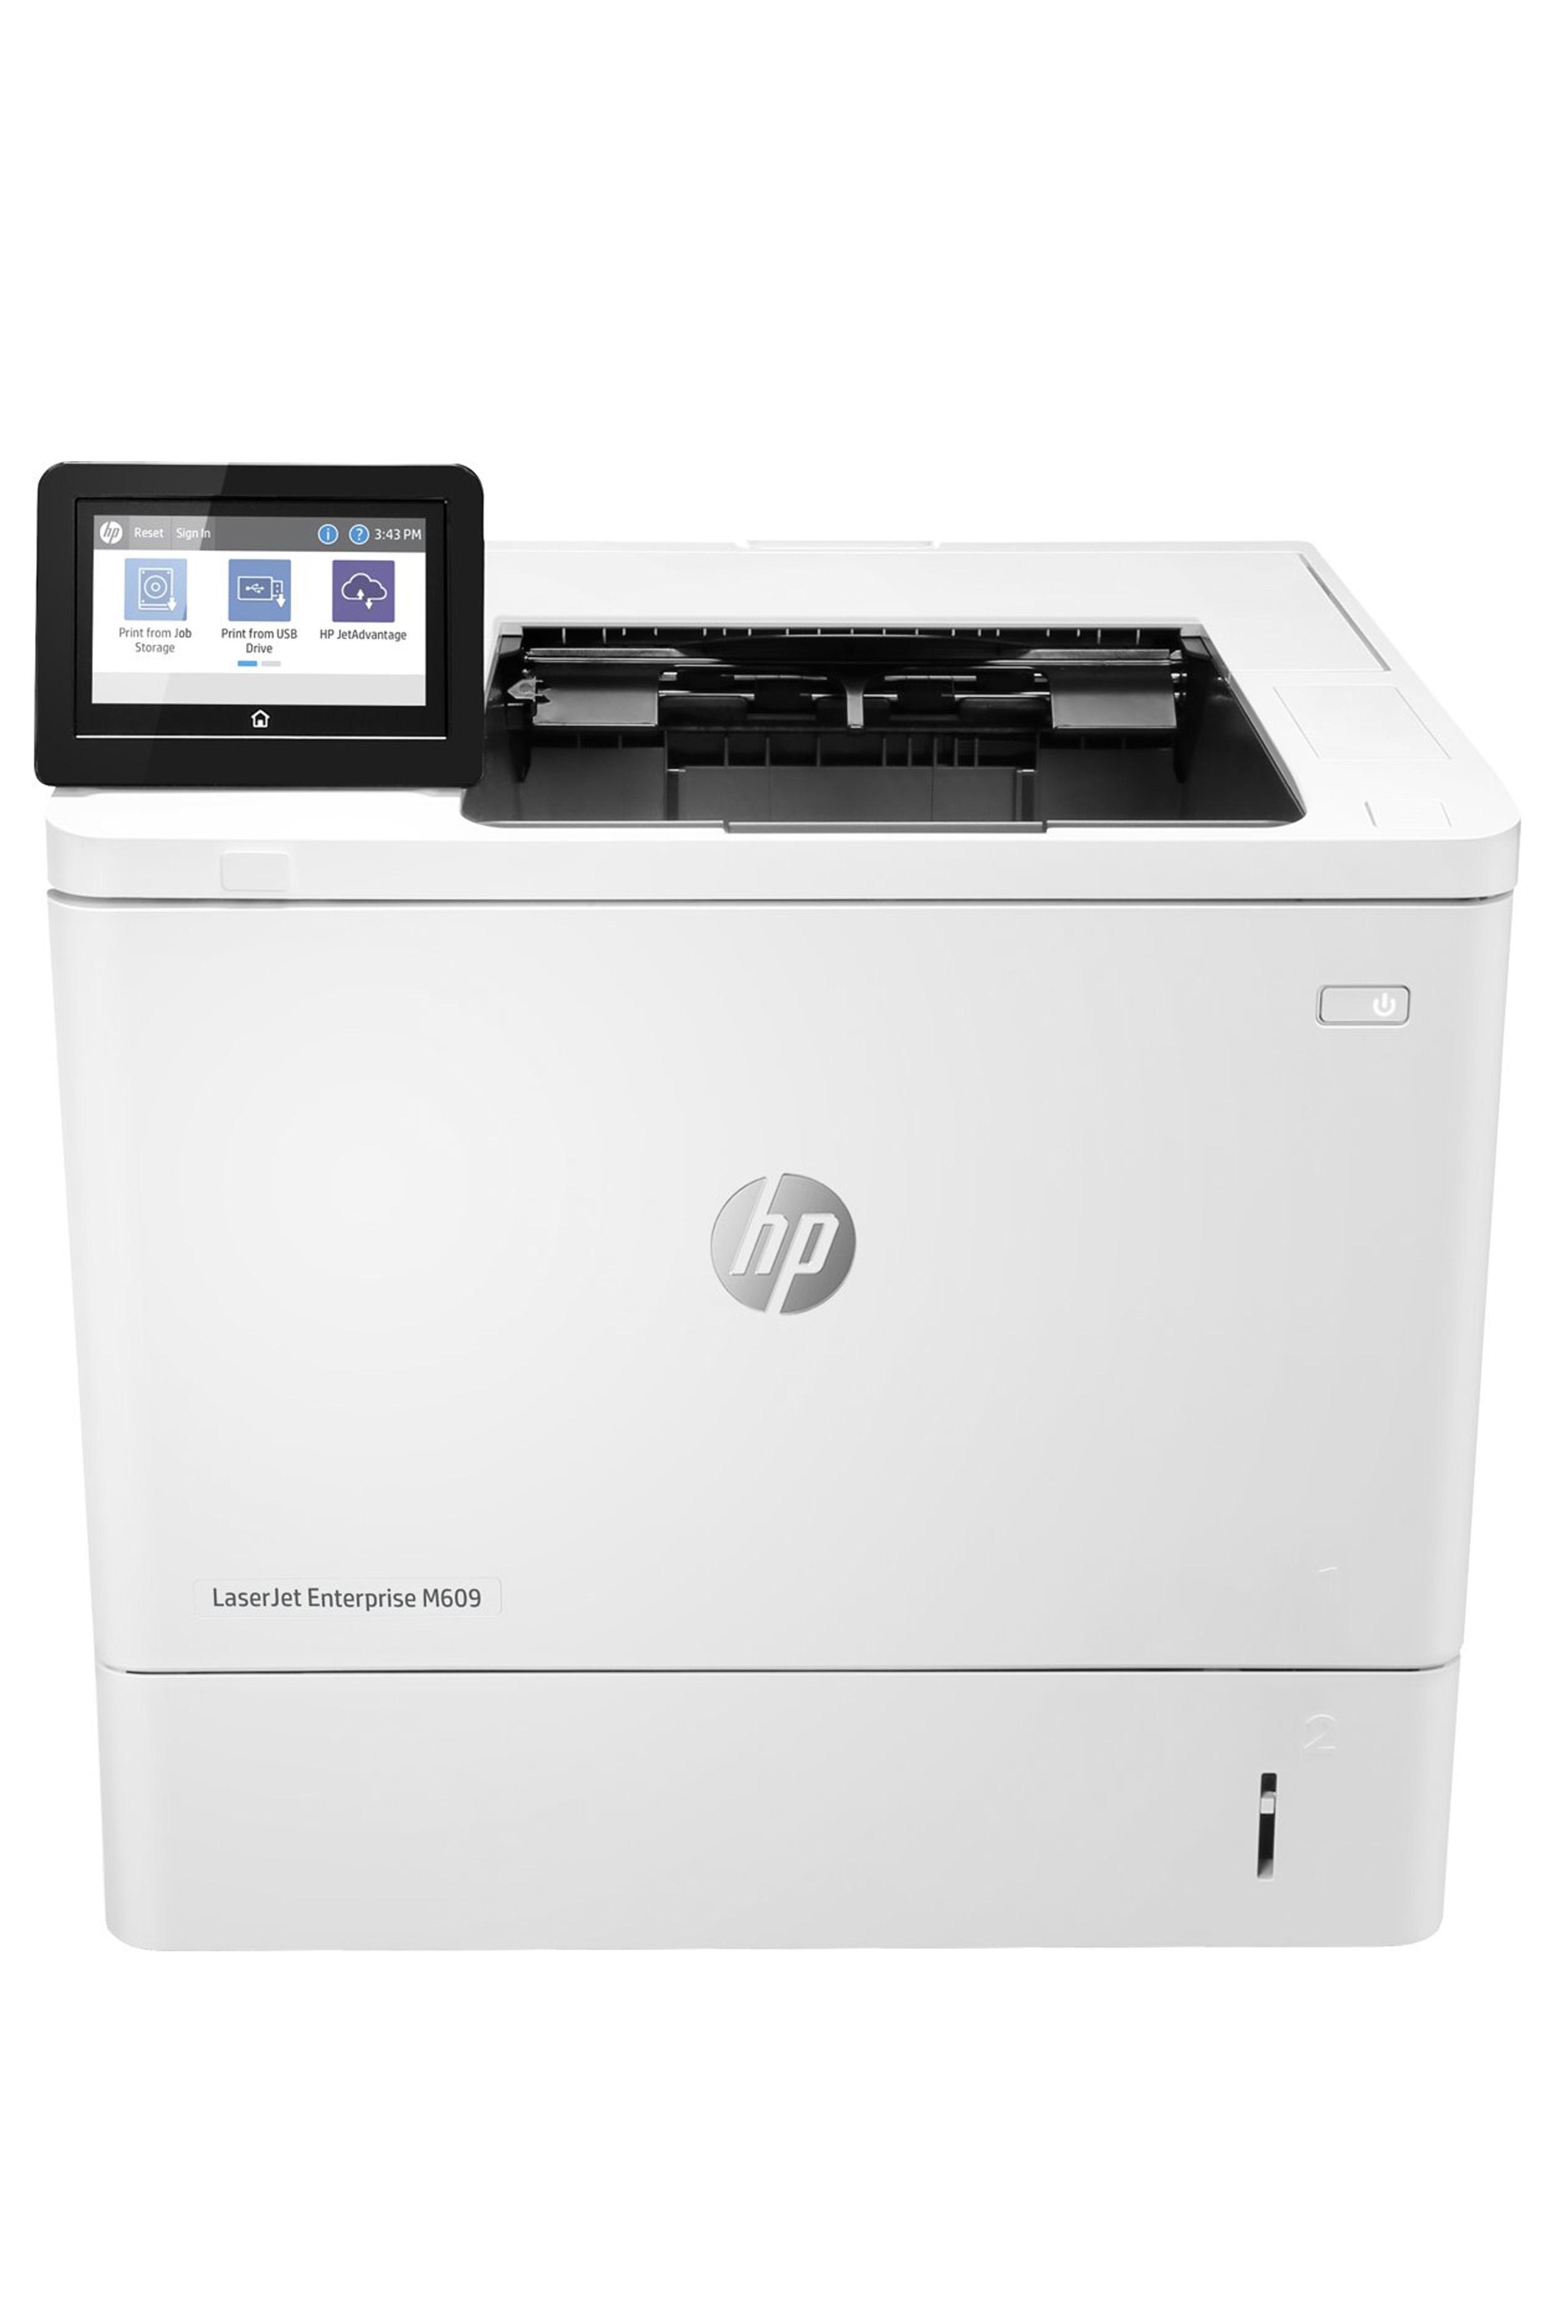 HP LaserJet Enterprise M609dh